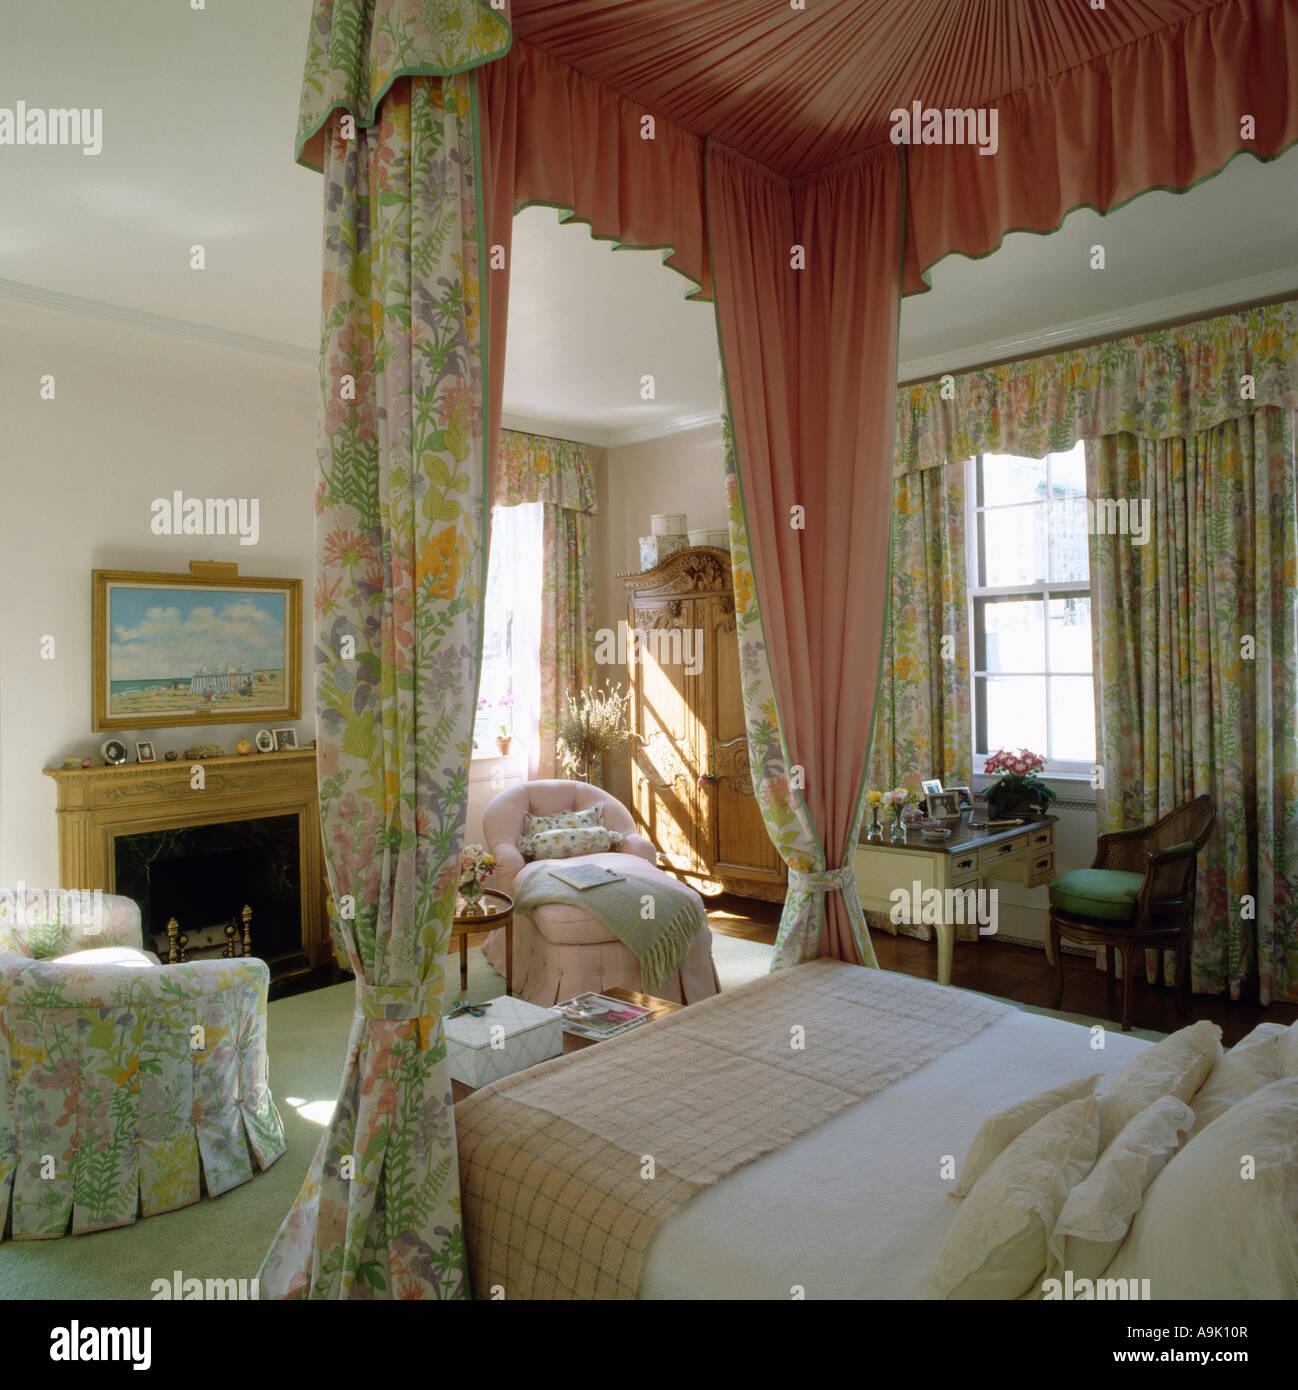 Schlafzimmer Grün Gestalten: Schlafzimmer Grun Rosa